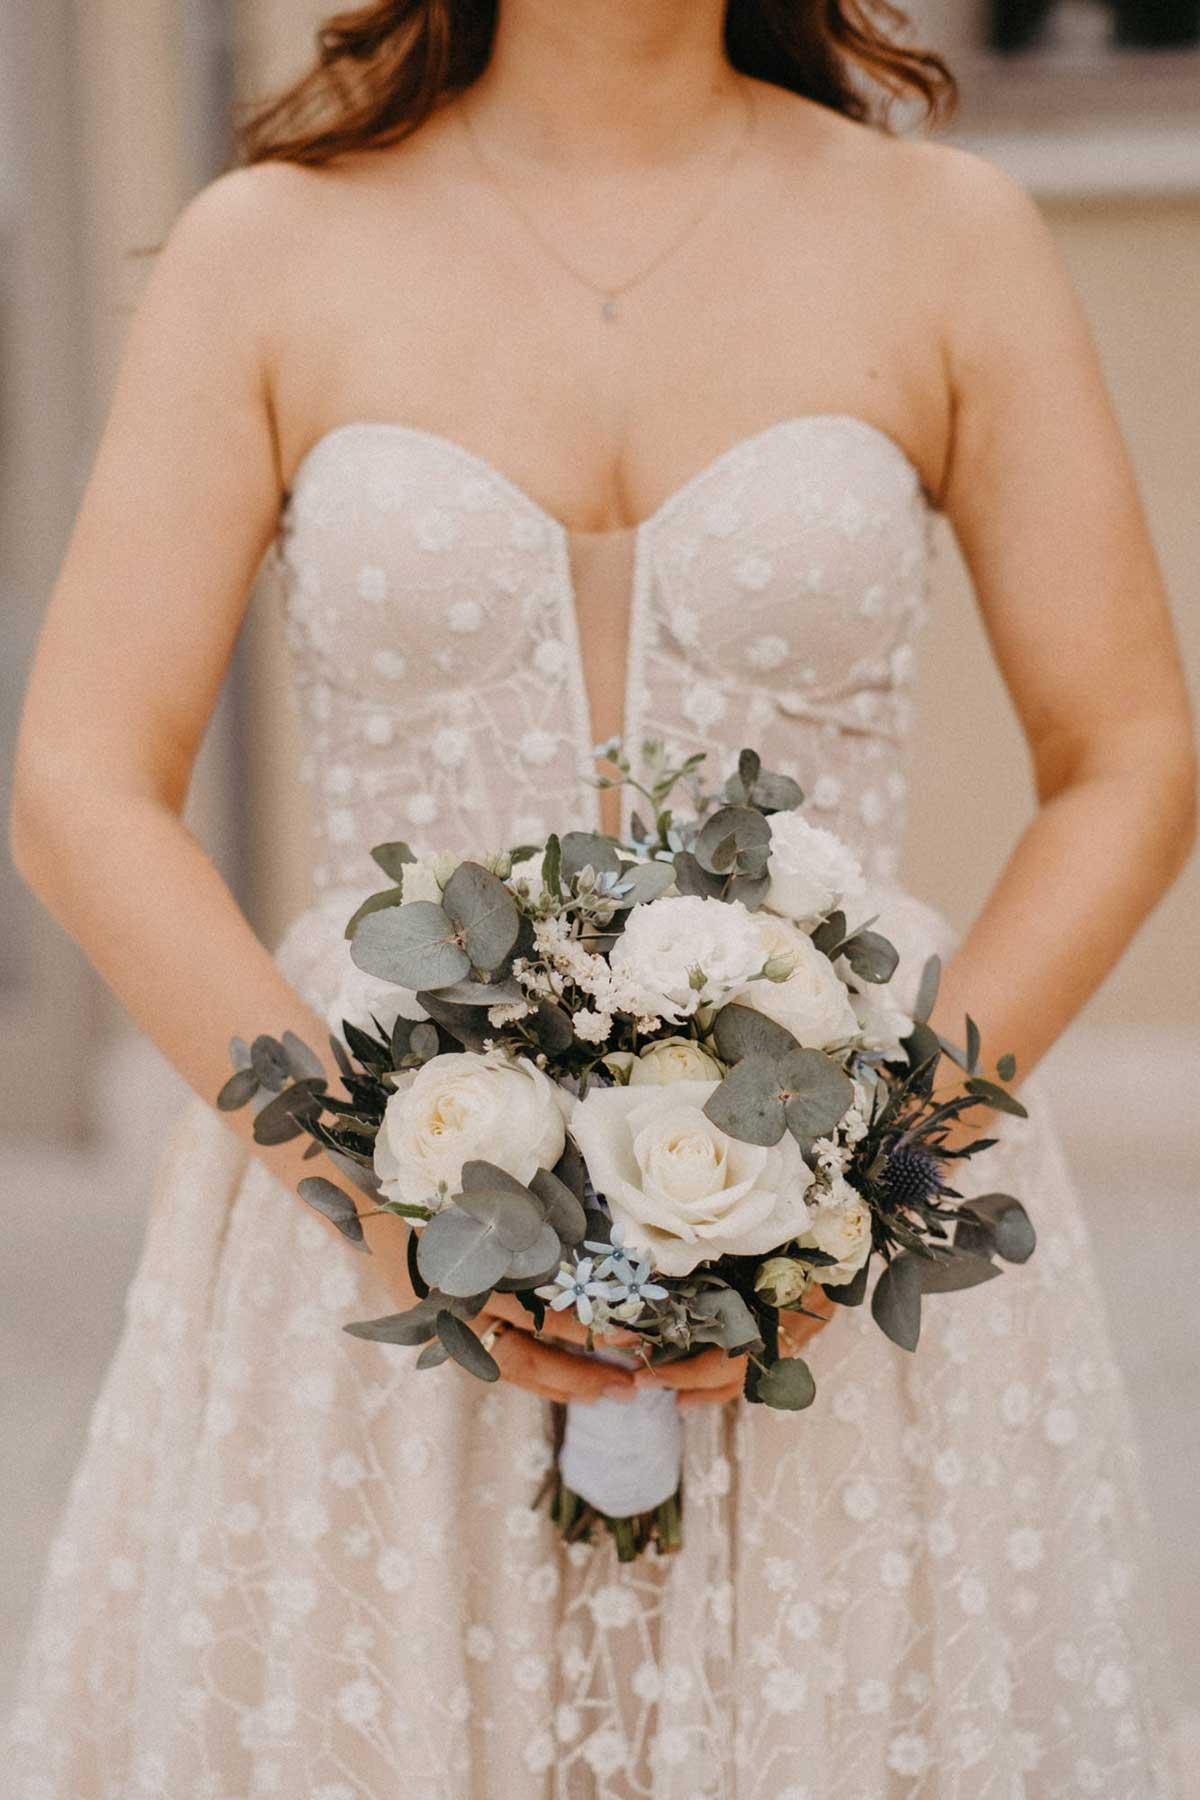 Braut hält Brautstrauß mit Blumen in Weiß und Pastell Blau